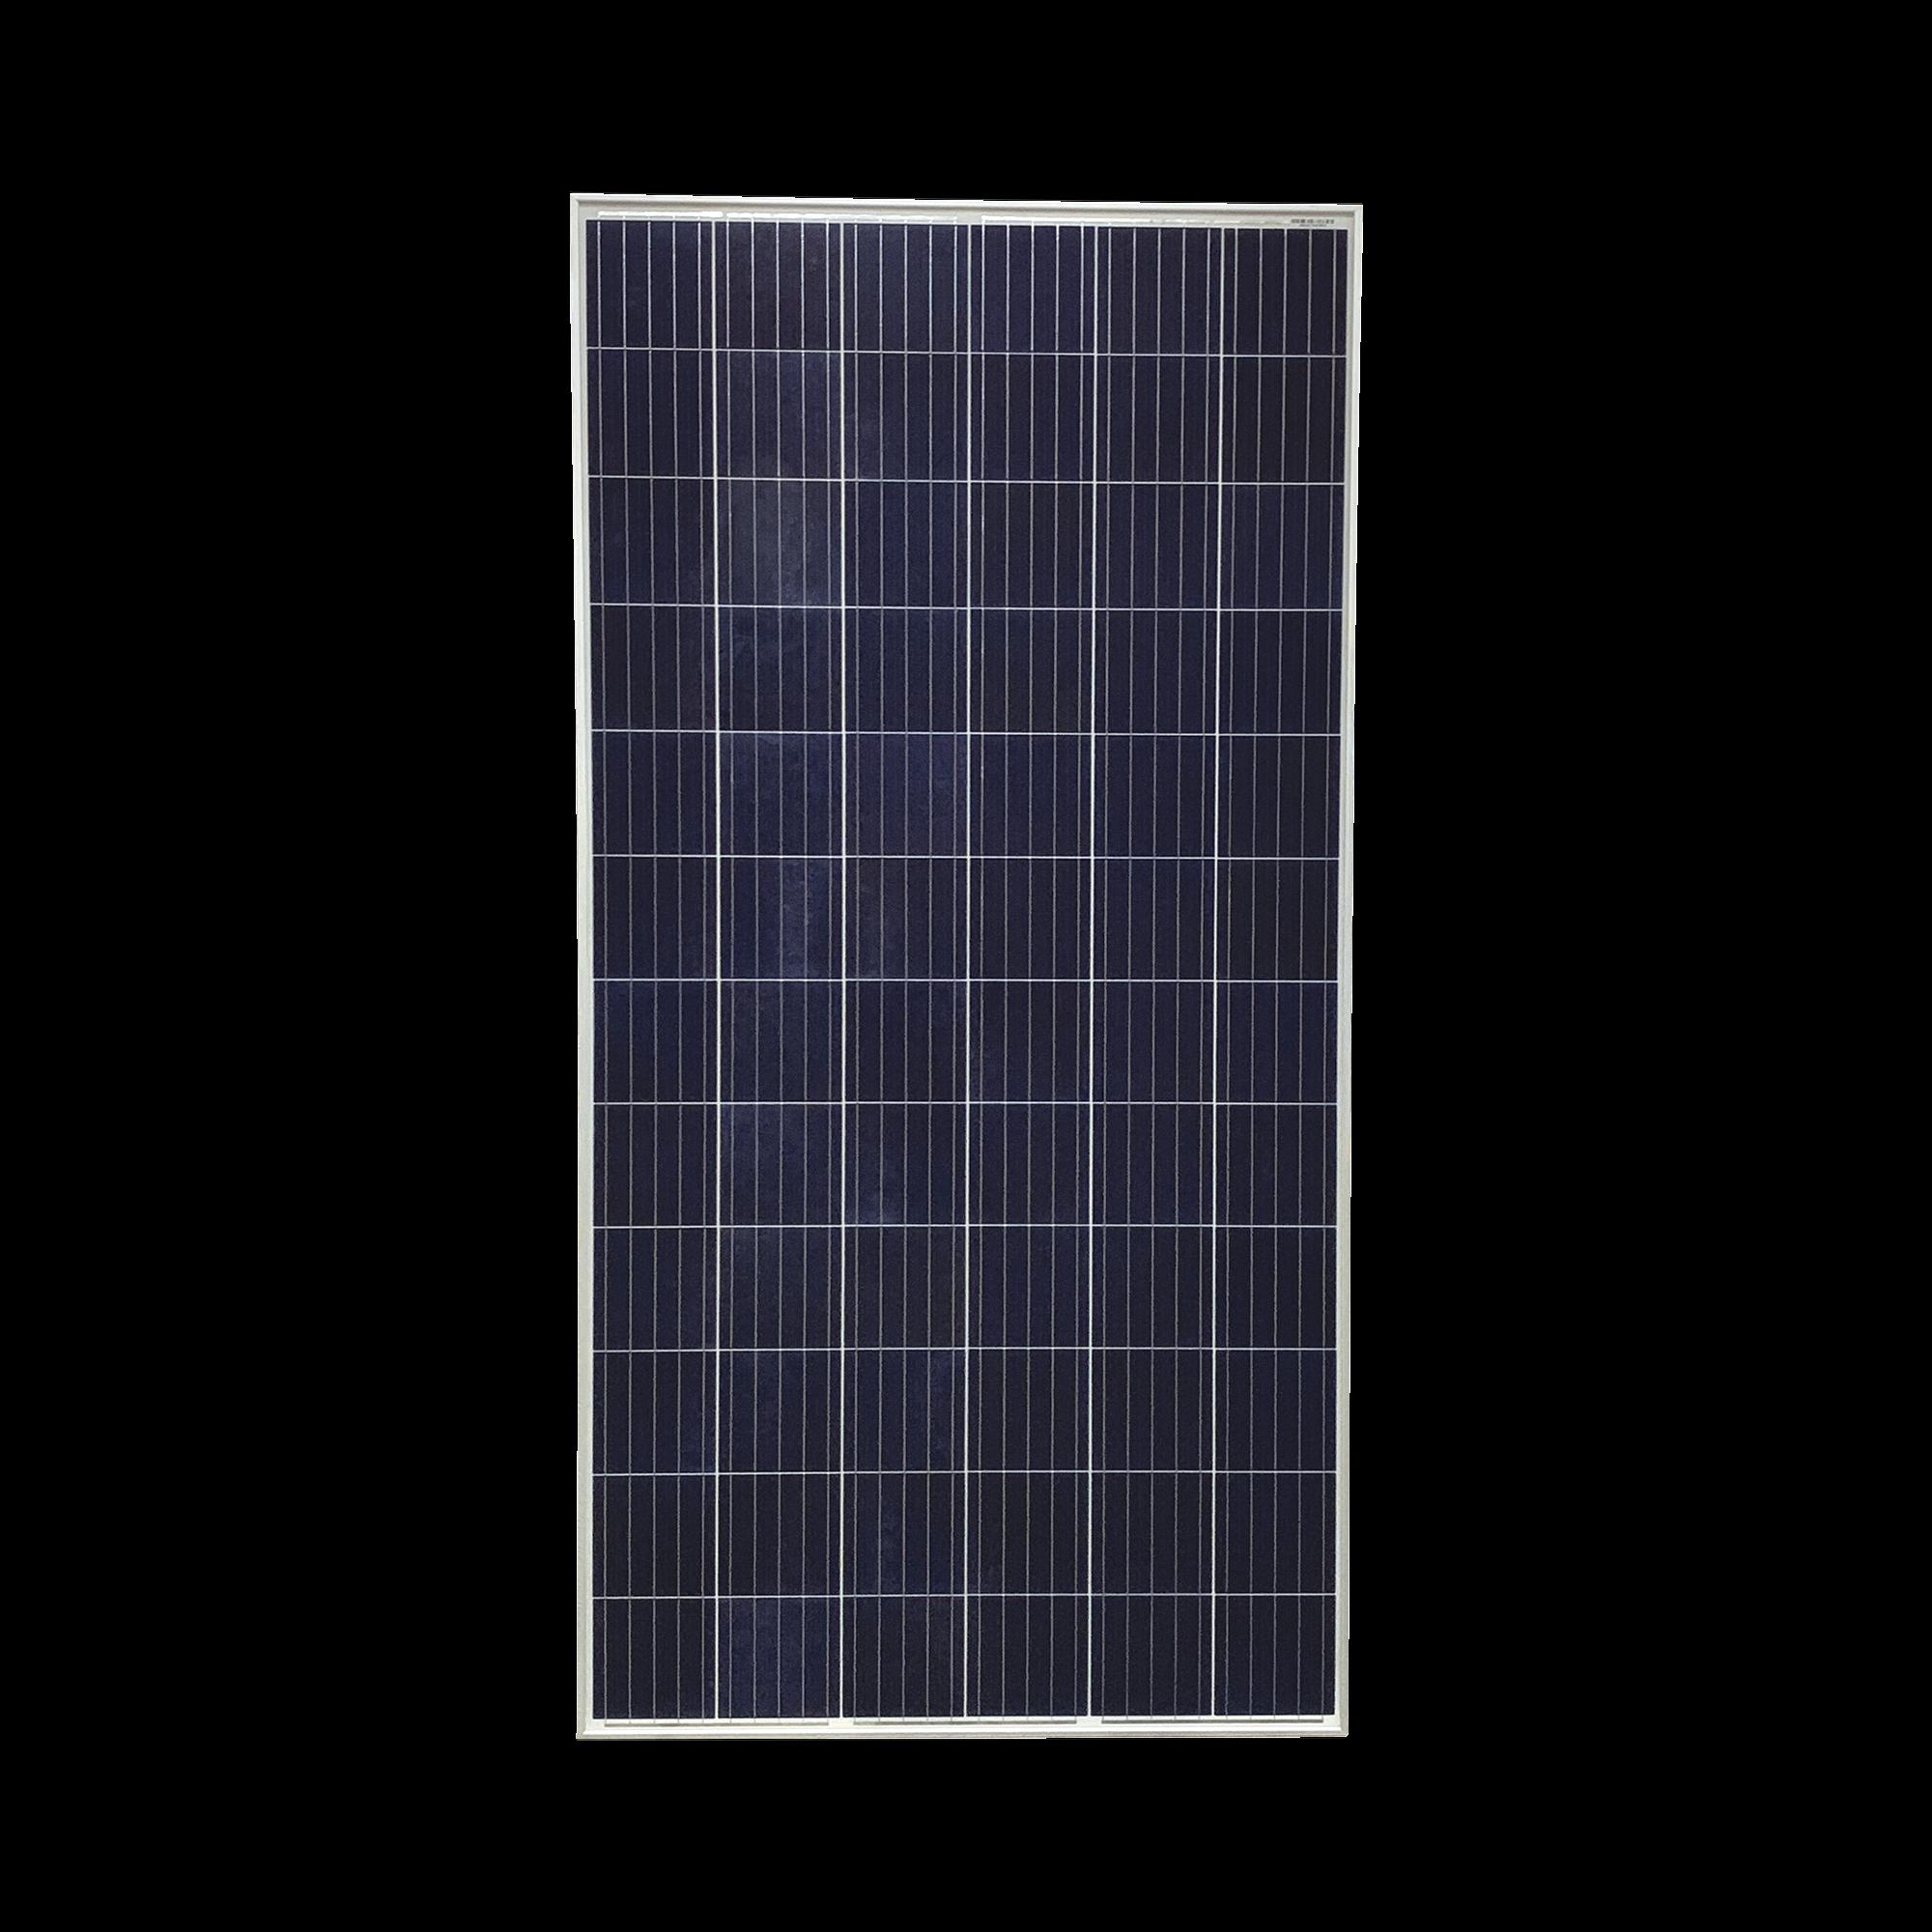 Modulo Solar de 330 W Policristalino grado A/ Para sistemas de interconexion con la red electrica y sistemas aislados en 24 Vcd.